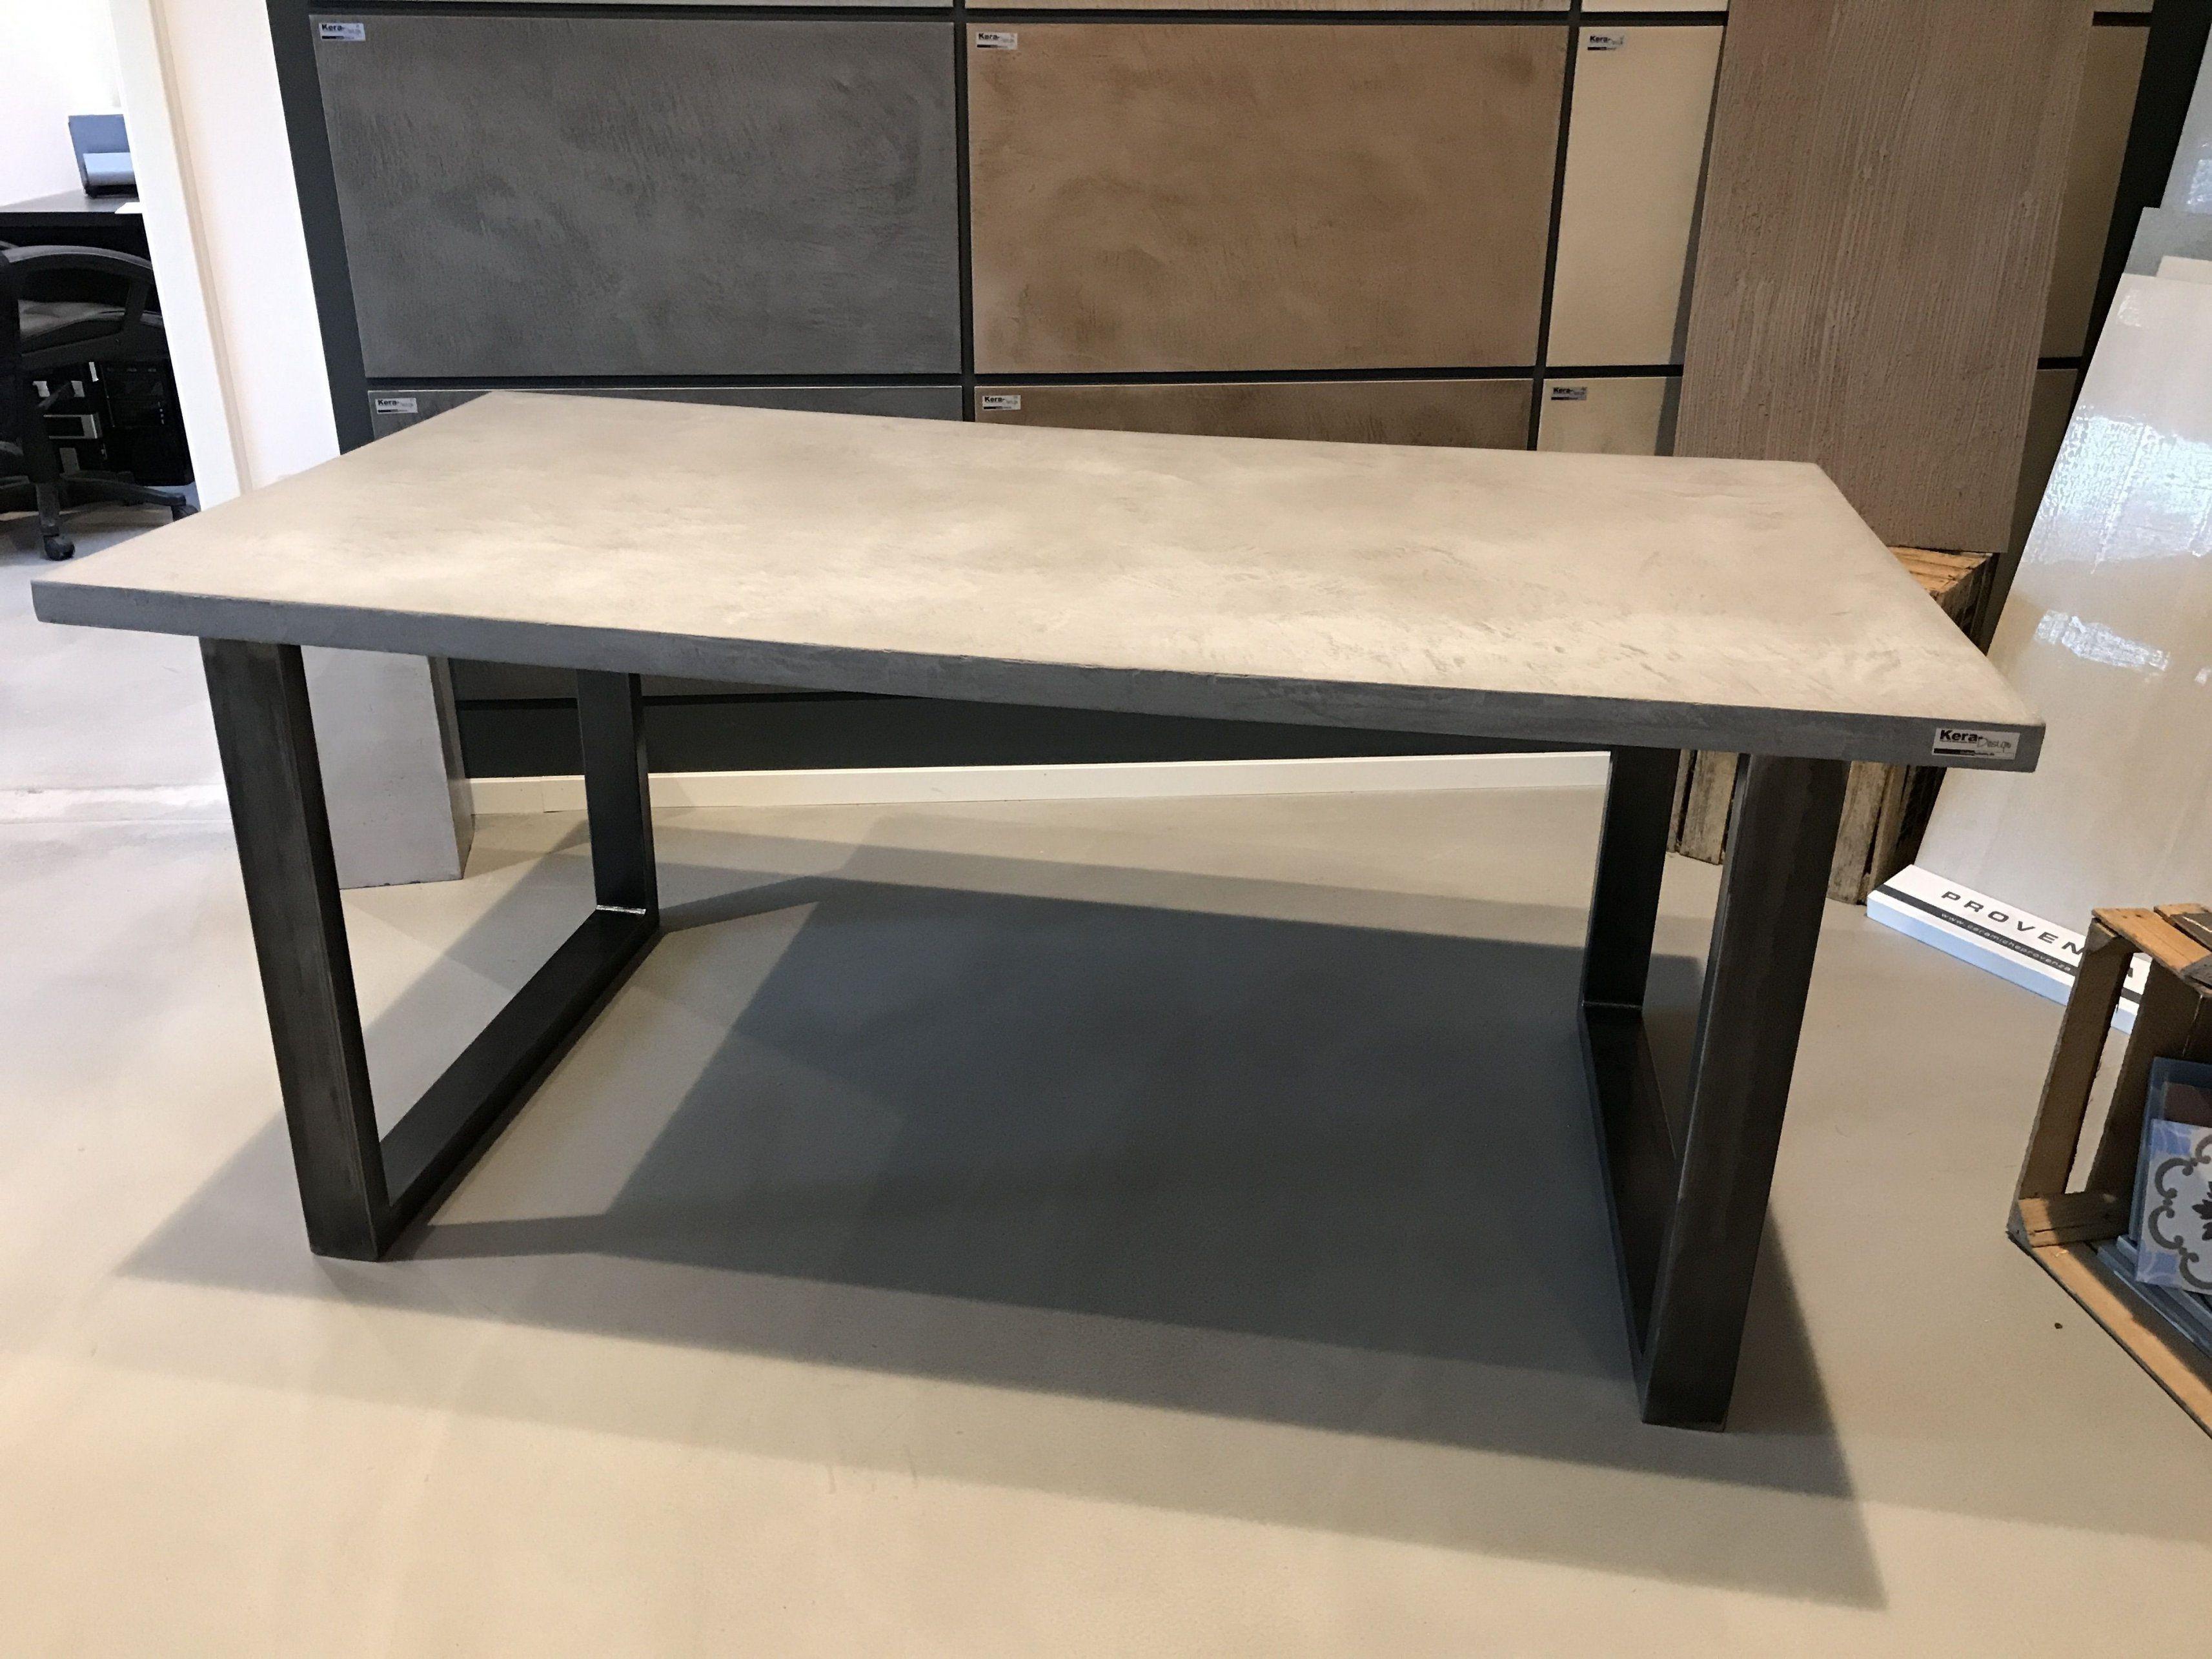 Beton Tisch Diy  Beton Tisch Selber Machen